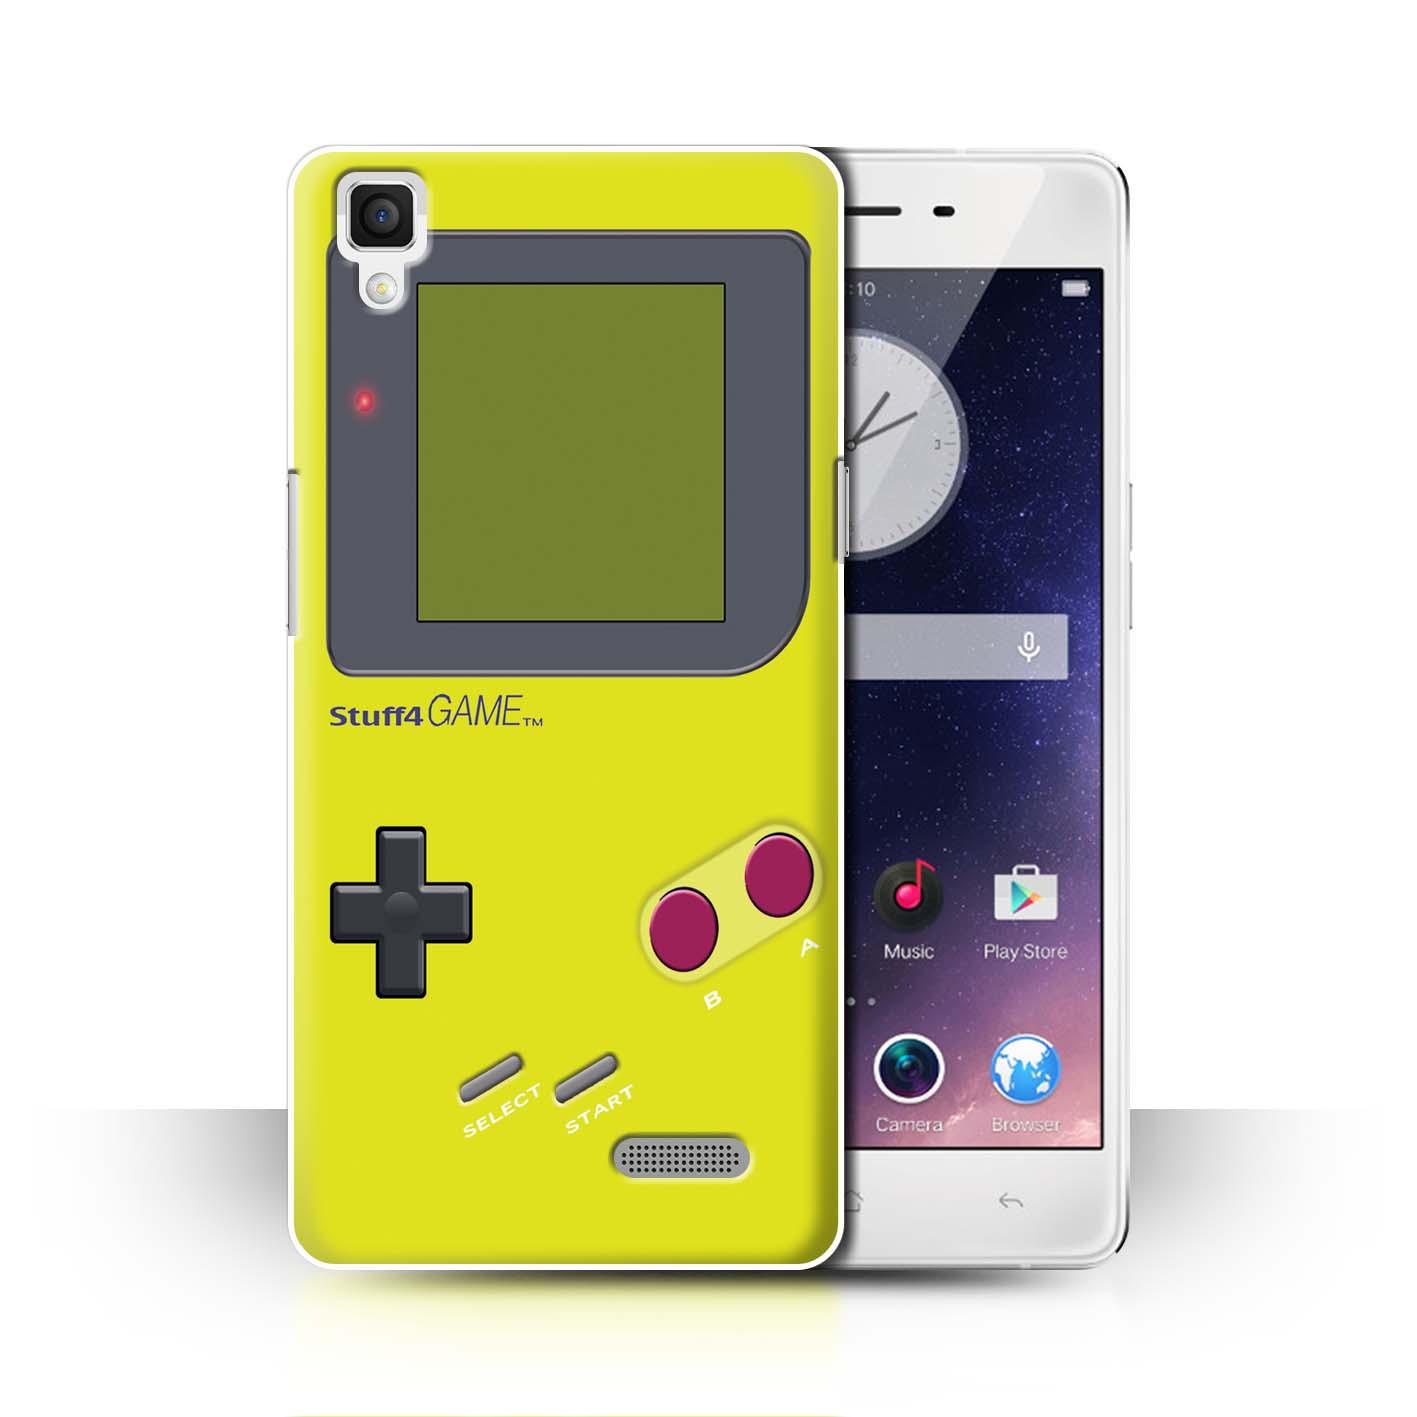 STUFF4-Back-Case-Cover-Skin-for-Oppo-R7-Video-Gamer-Gameboy